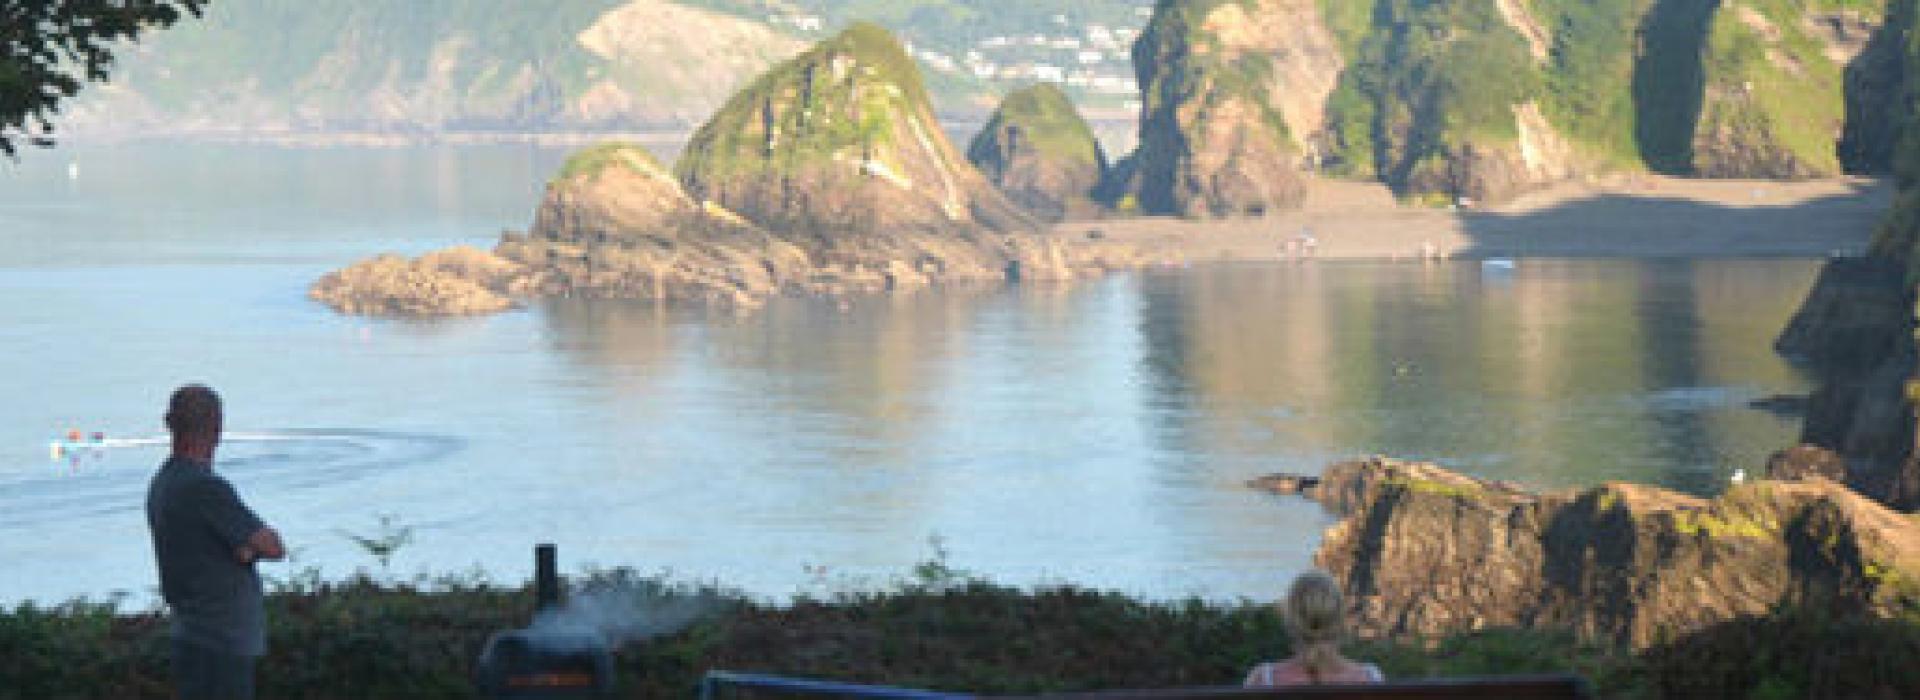 watersports devon, devon holiday, paddleboarding, coasteering ilfracombe accommodation